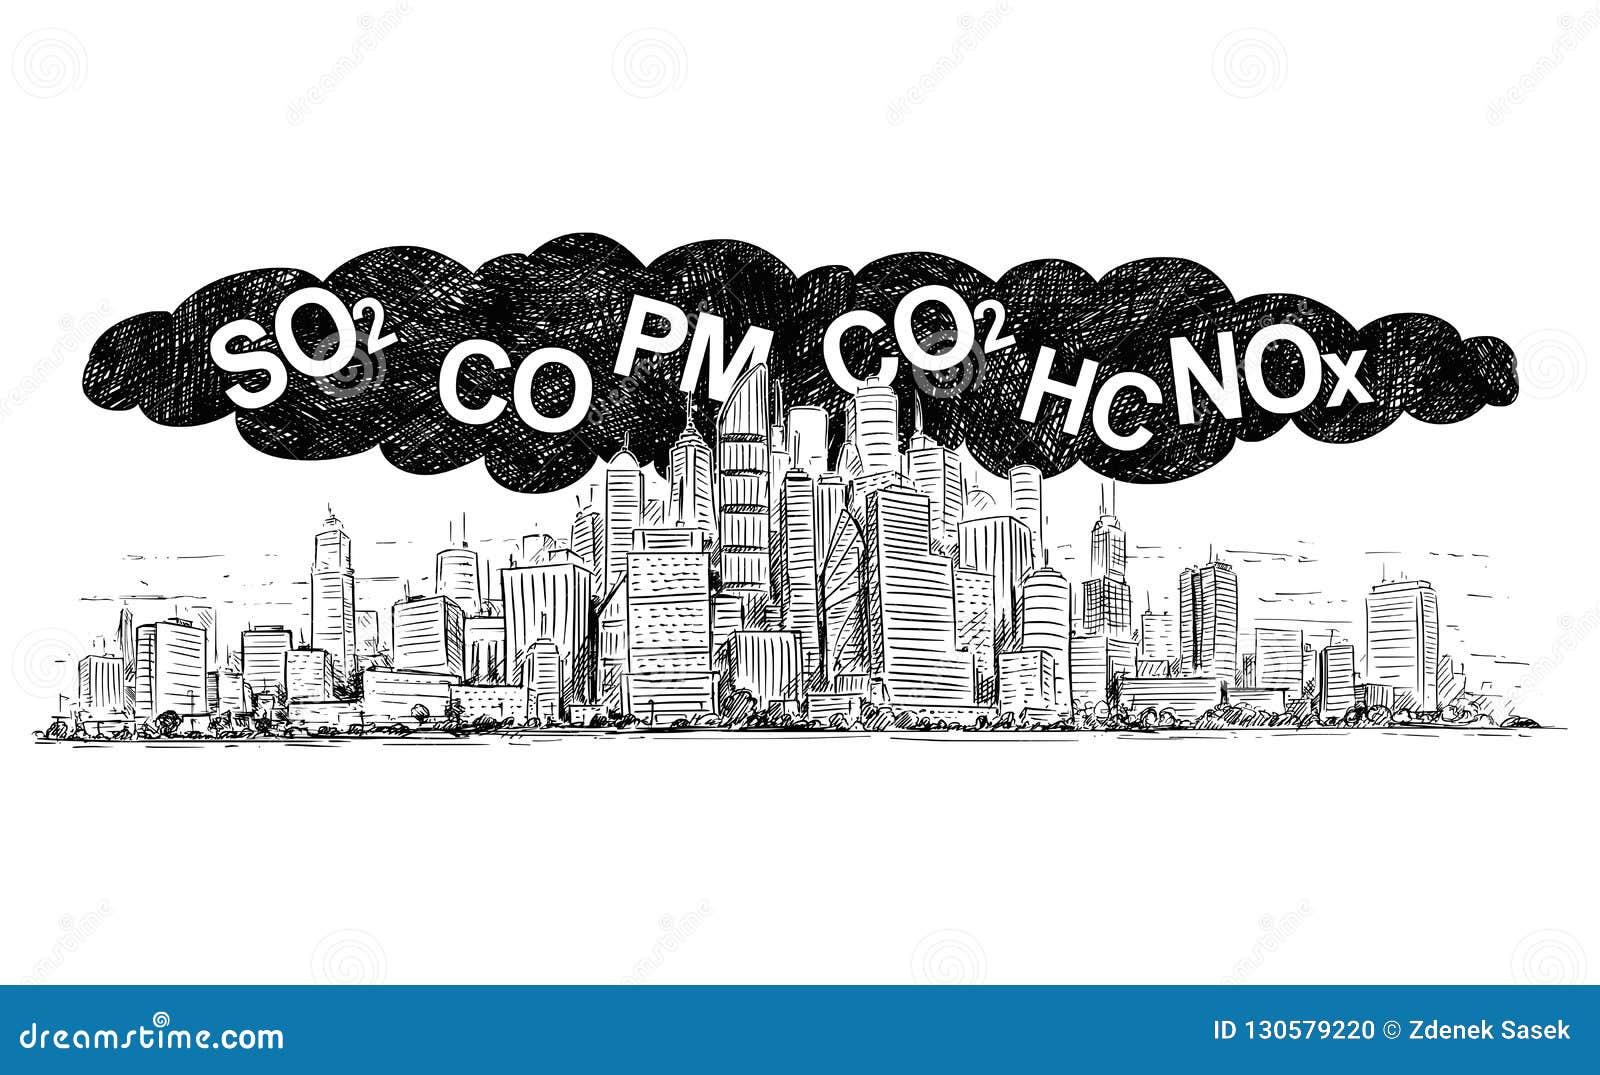 Vektor-künstlerische zeichnende Illustration der Stadt abgedeckt durch Rauch und Luftverschmutzung